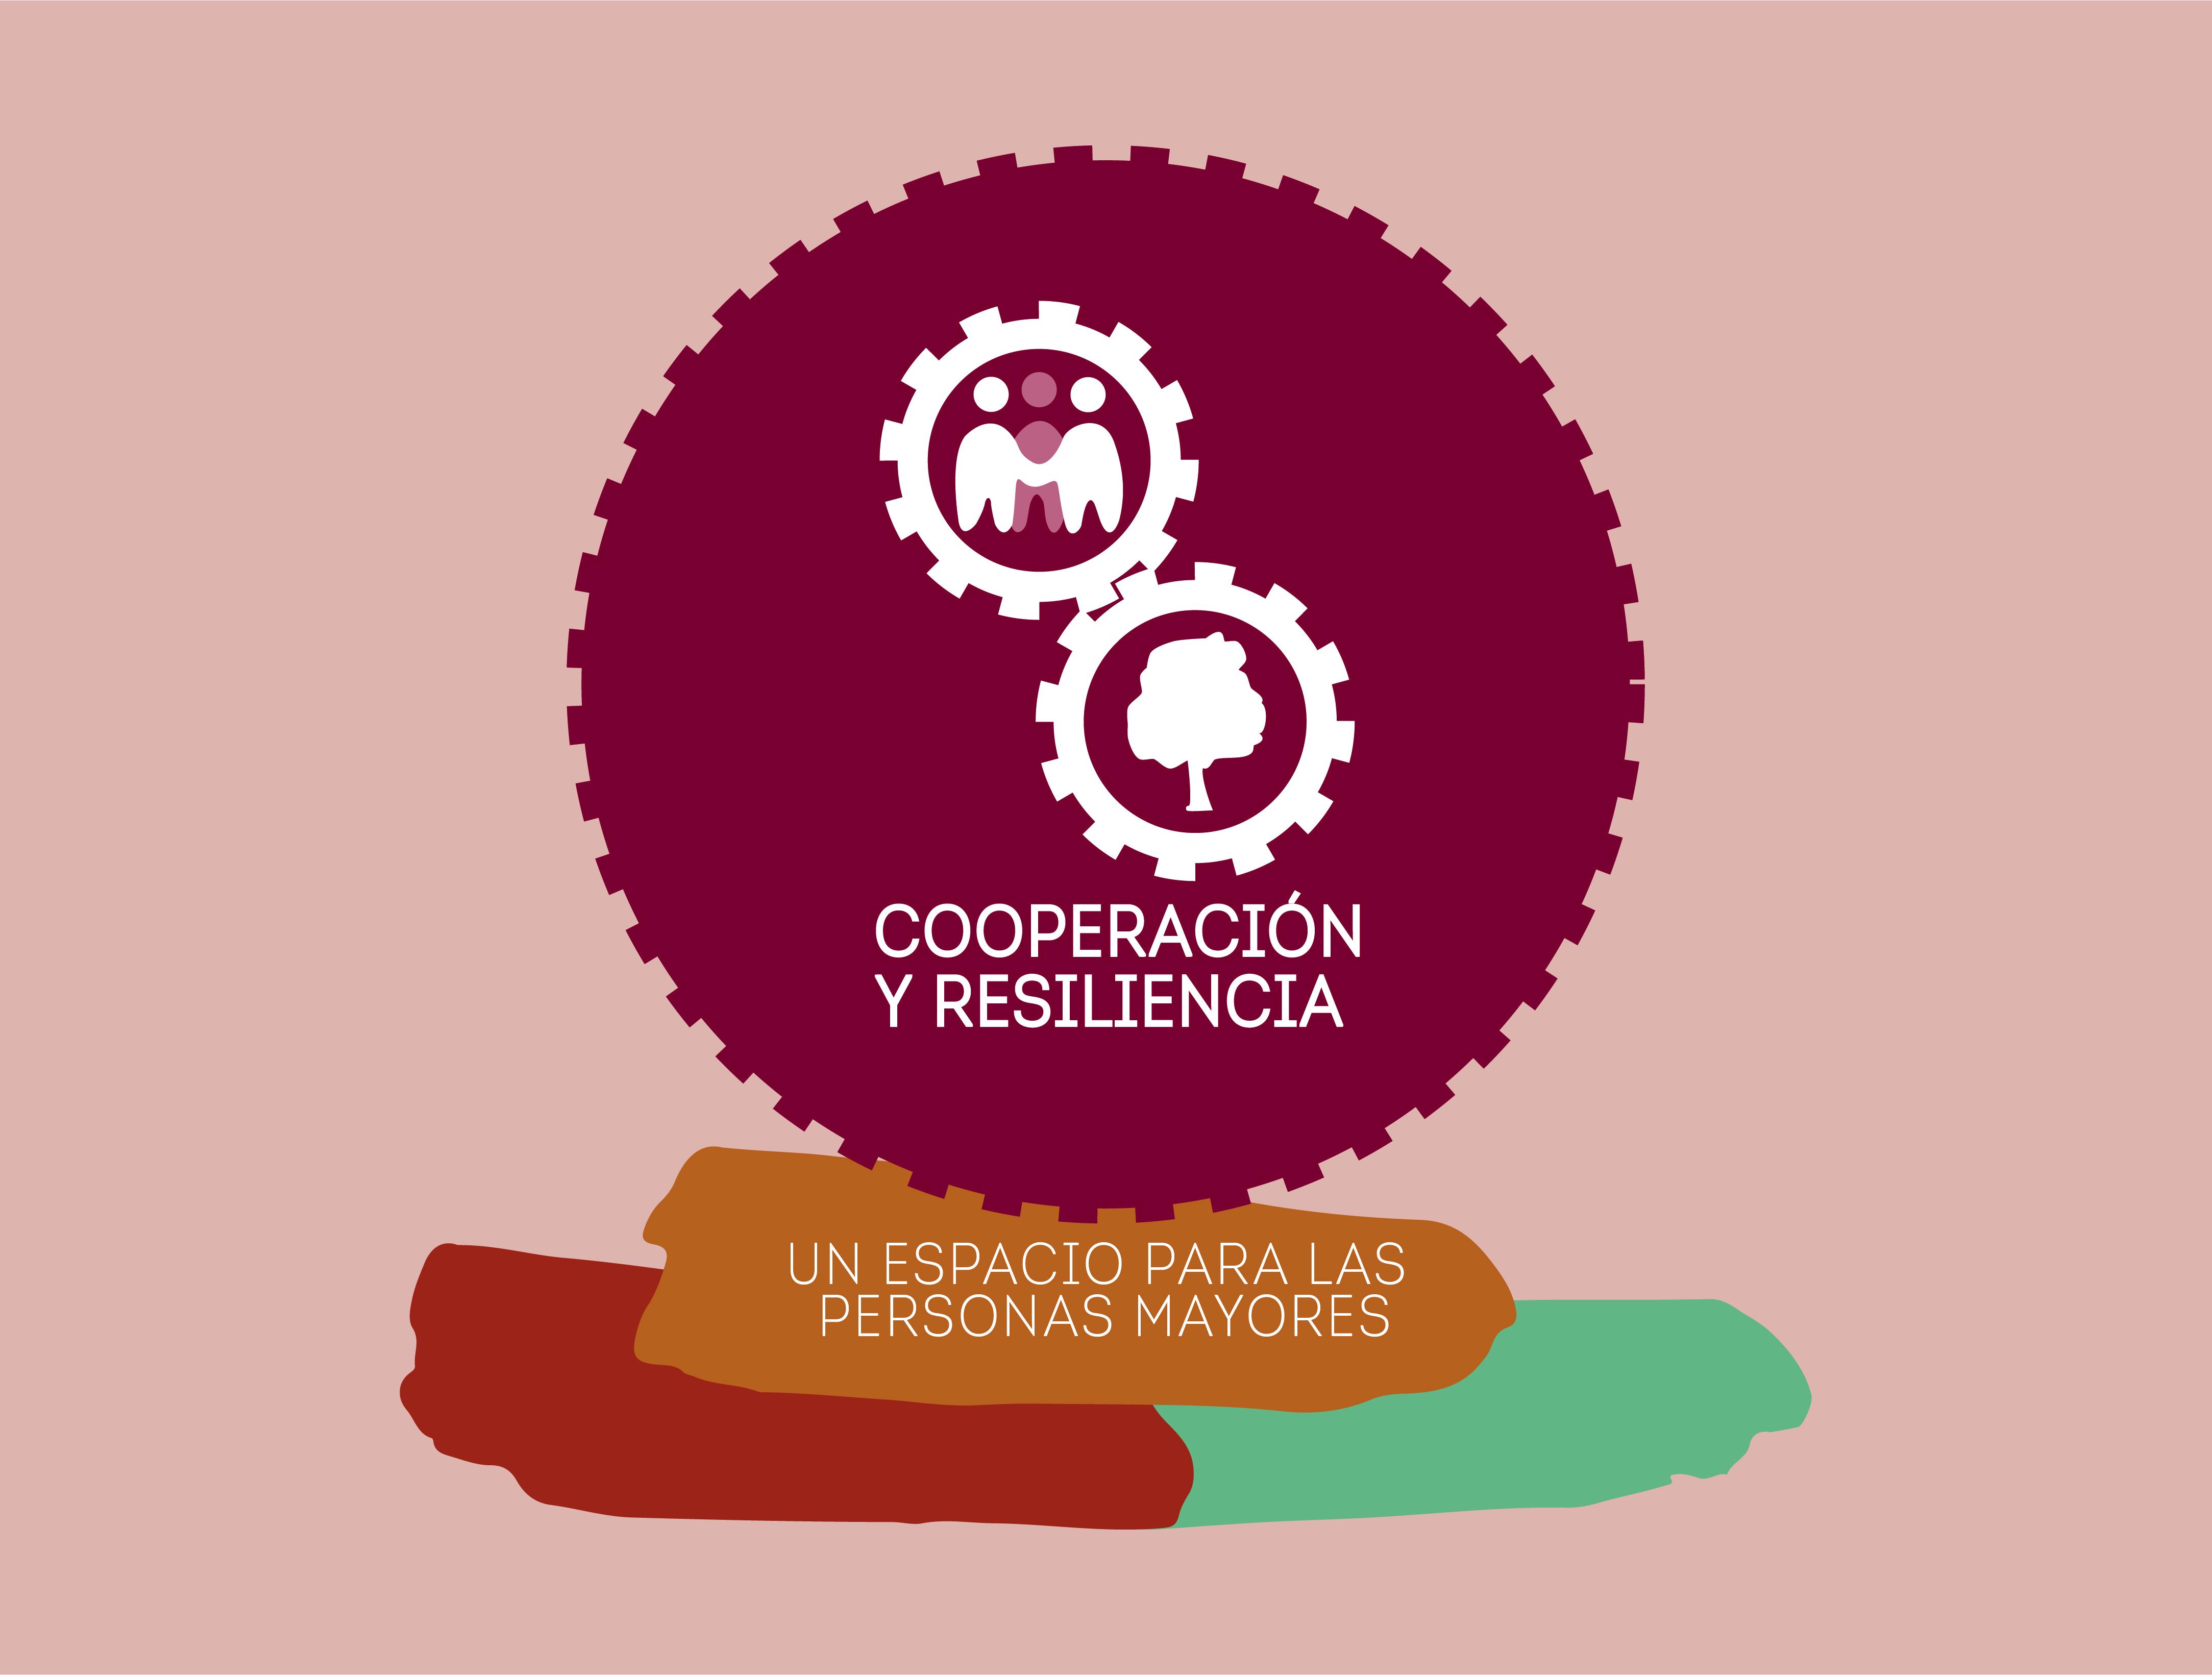 COOPERACIÓN Y RESILIENCIA: Un espacio para las personas mayores